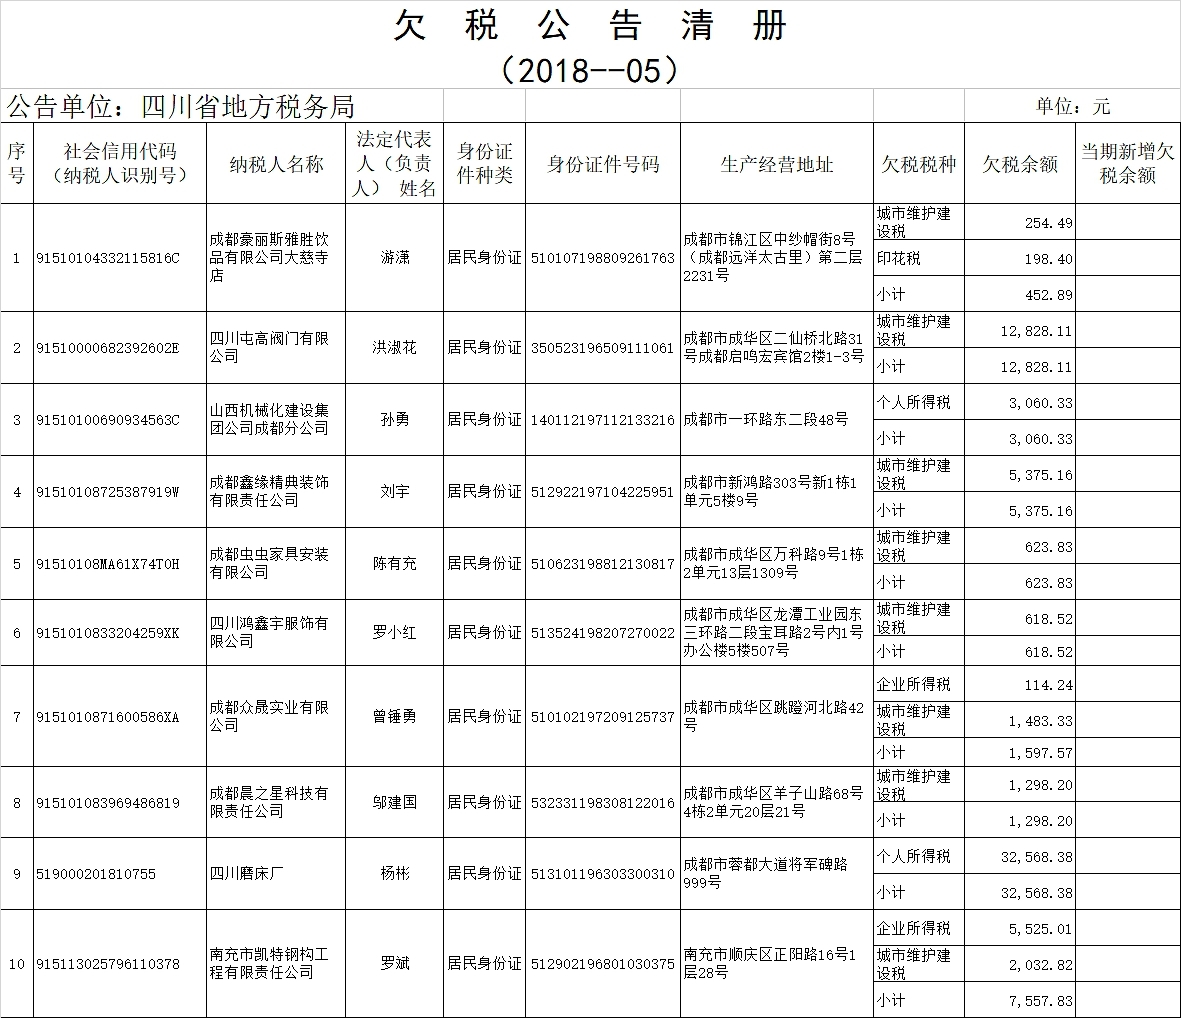 成都地方税务局官网_四川省地税局曝光10家欠缴税款纳税人_四川在线